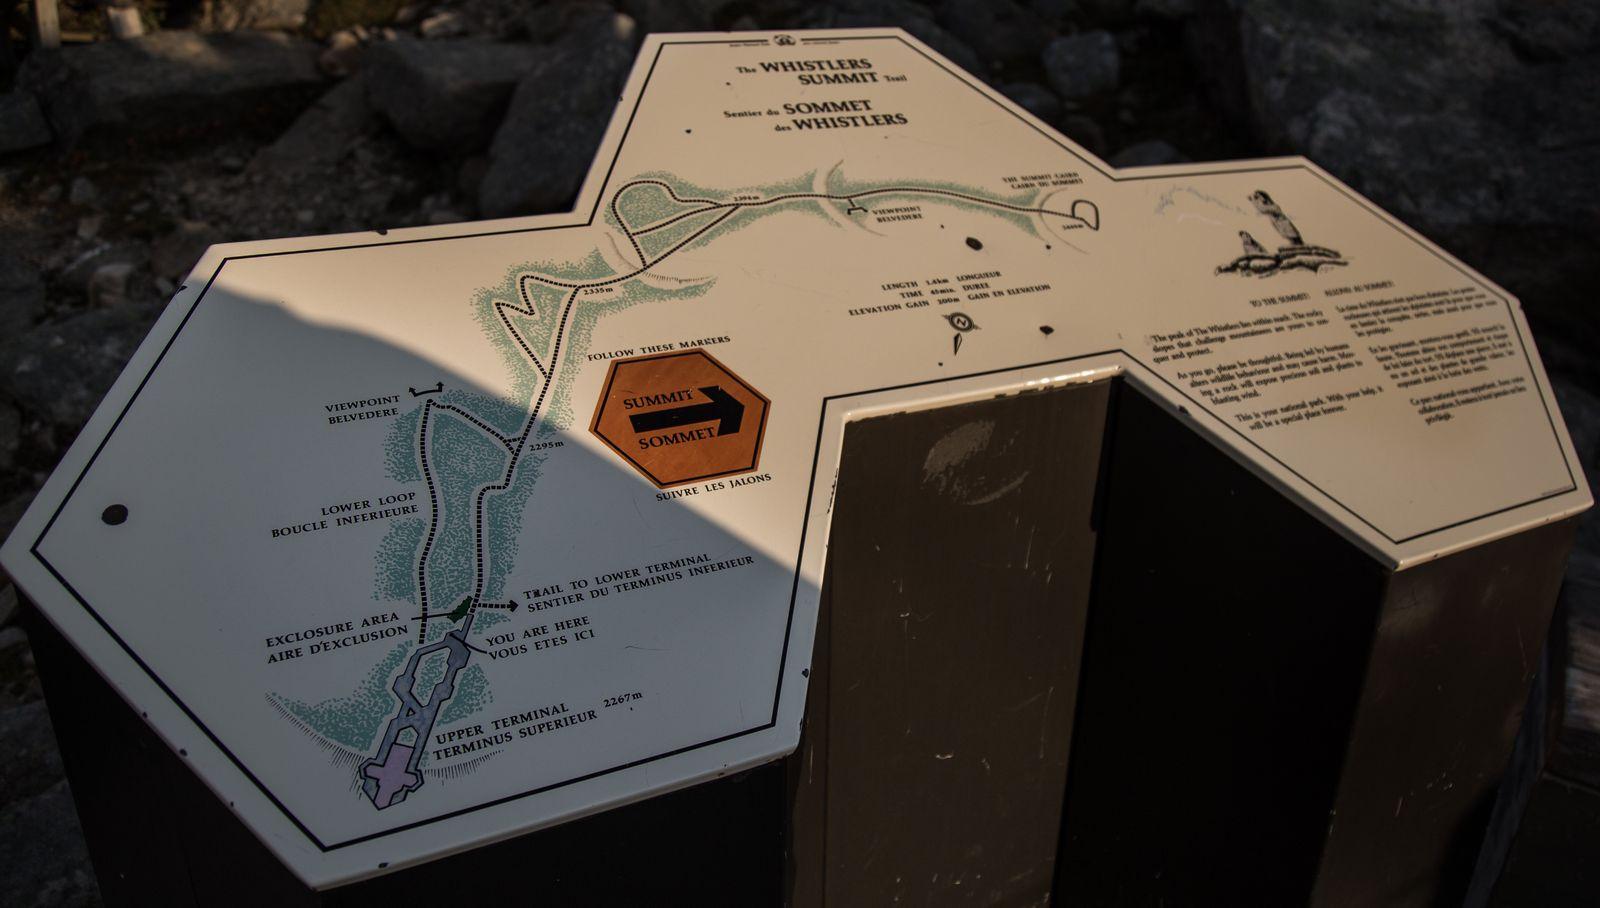 Indicaciones para alcanzar Whistler Peak